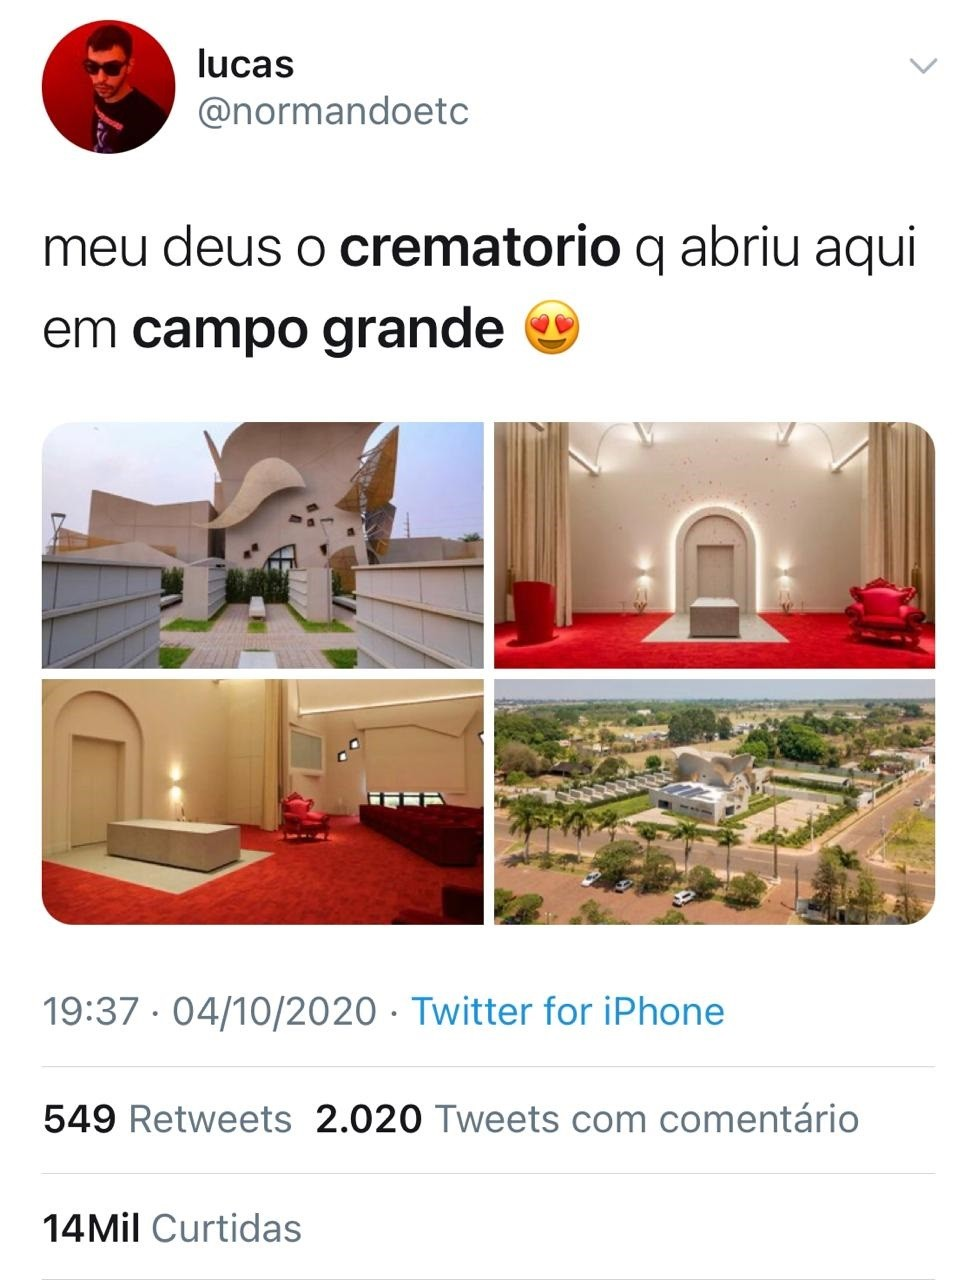 Novo crematório em Campo Grande chama atenção nas redes sociais com arquitetura fora do convencional (Foto: Reprodução/Twitter)